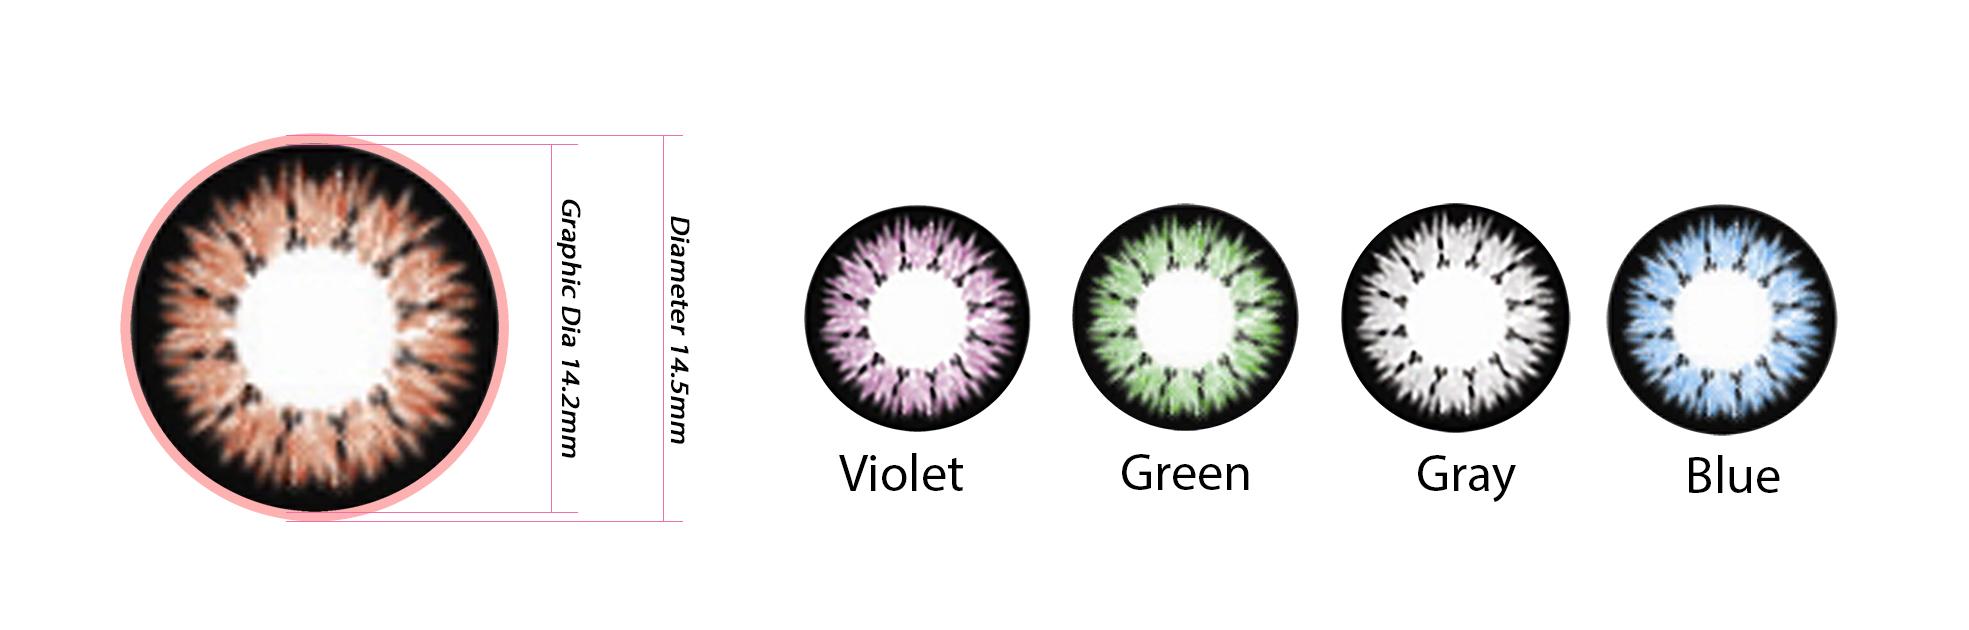 kính áp tròng màu nâu đẹp an toàn chất lượng cao